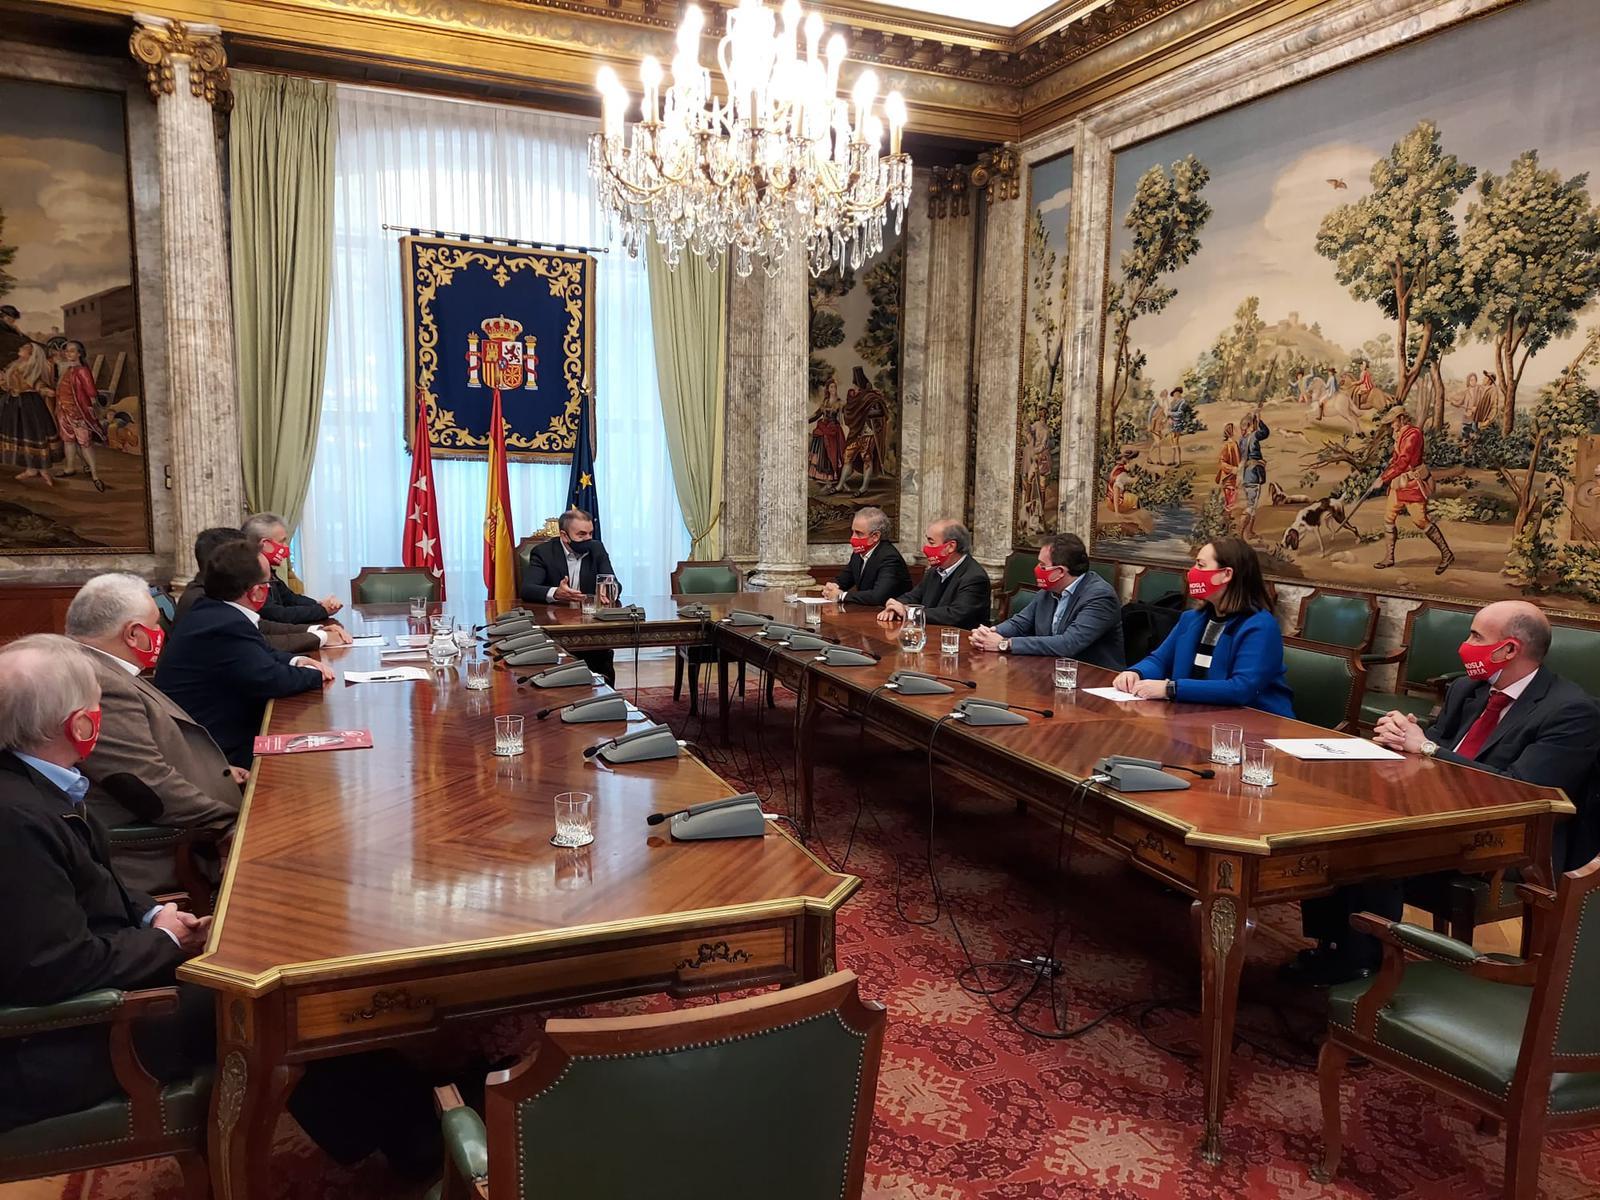 El sector reclama un Plan de Apoyo de 8.500 millones de € en la línea de Europa - La Viña